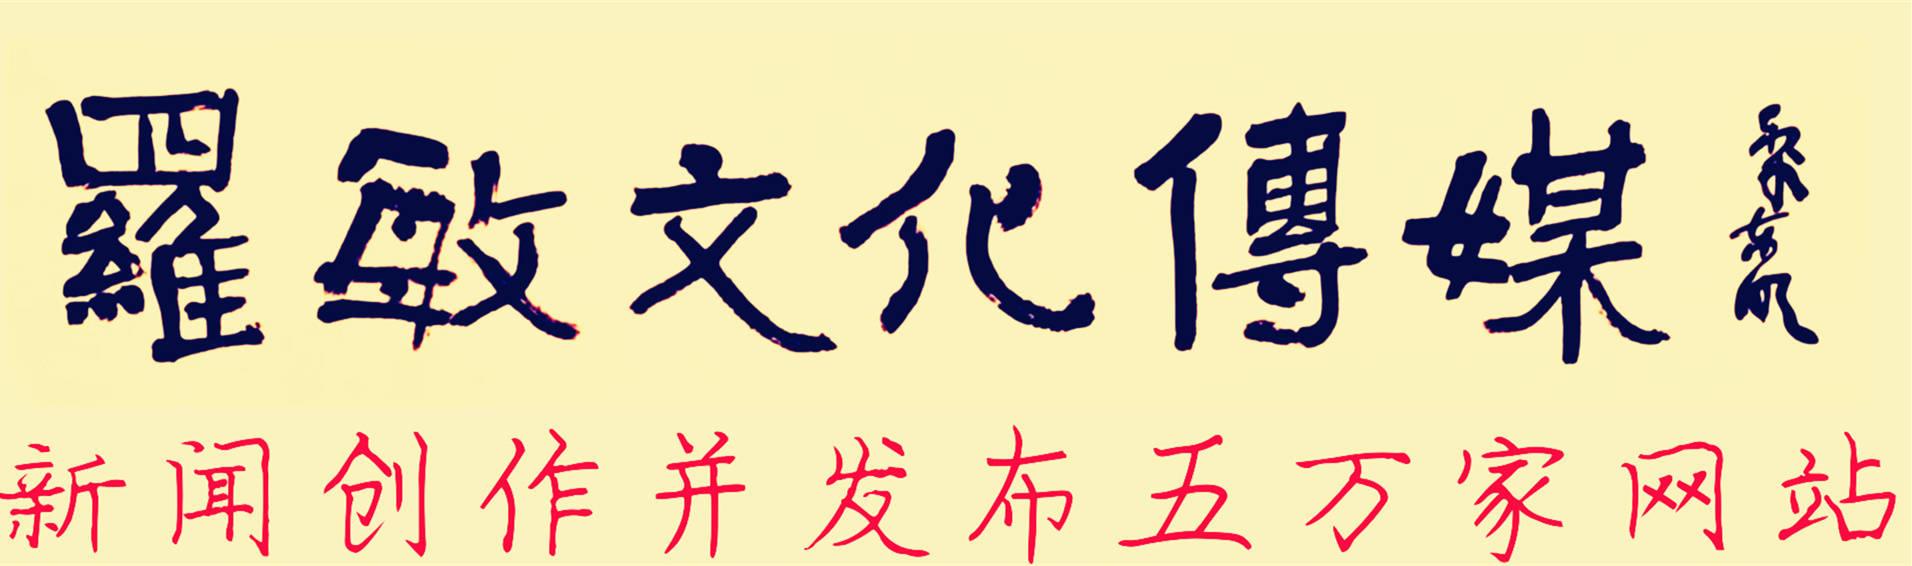 书法博士黎东明教授为罗敏文化传媒题字